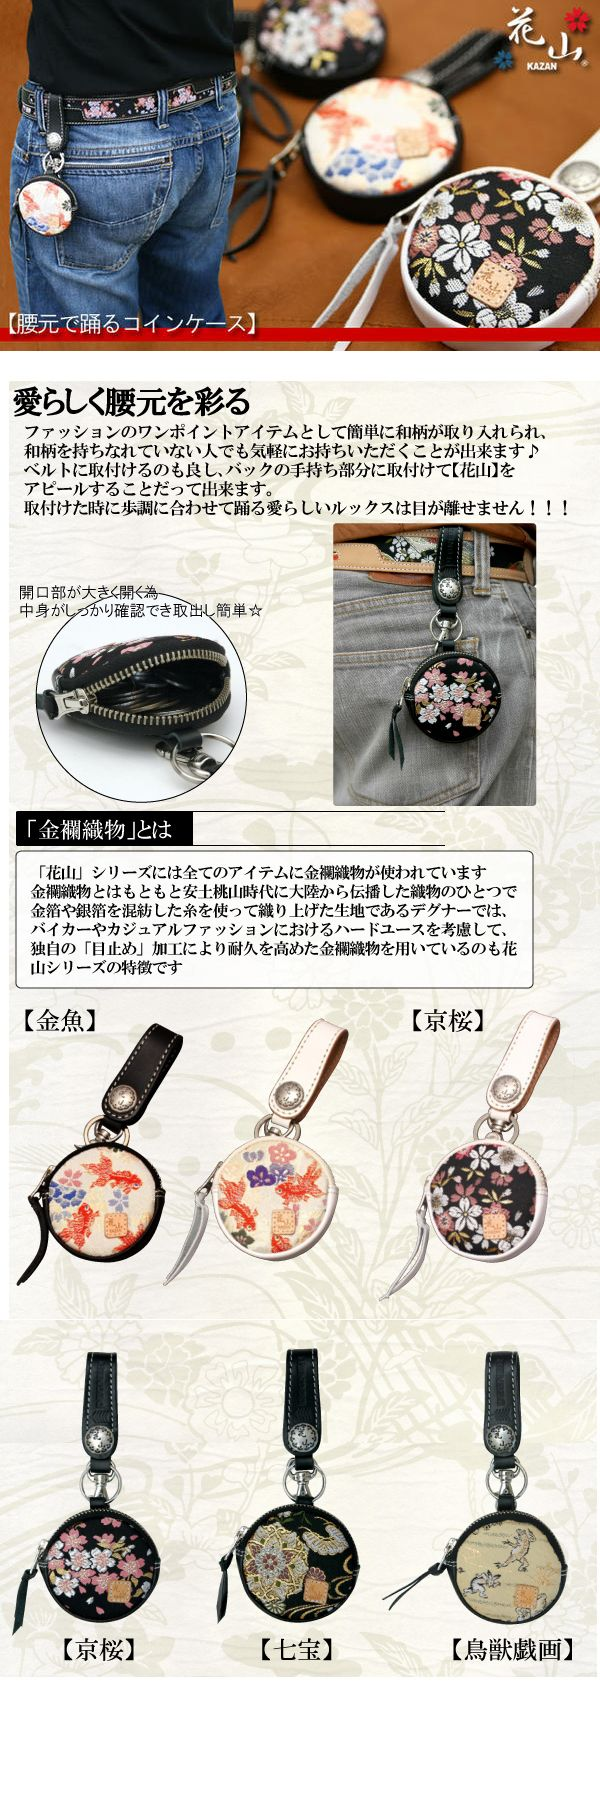 【DEGNER】花山 零錢包 - 「Webike-摩托百貨」